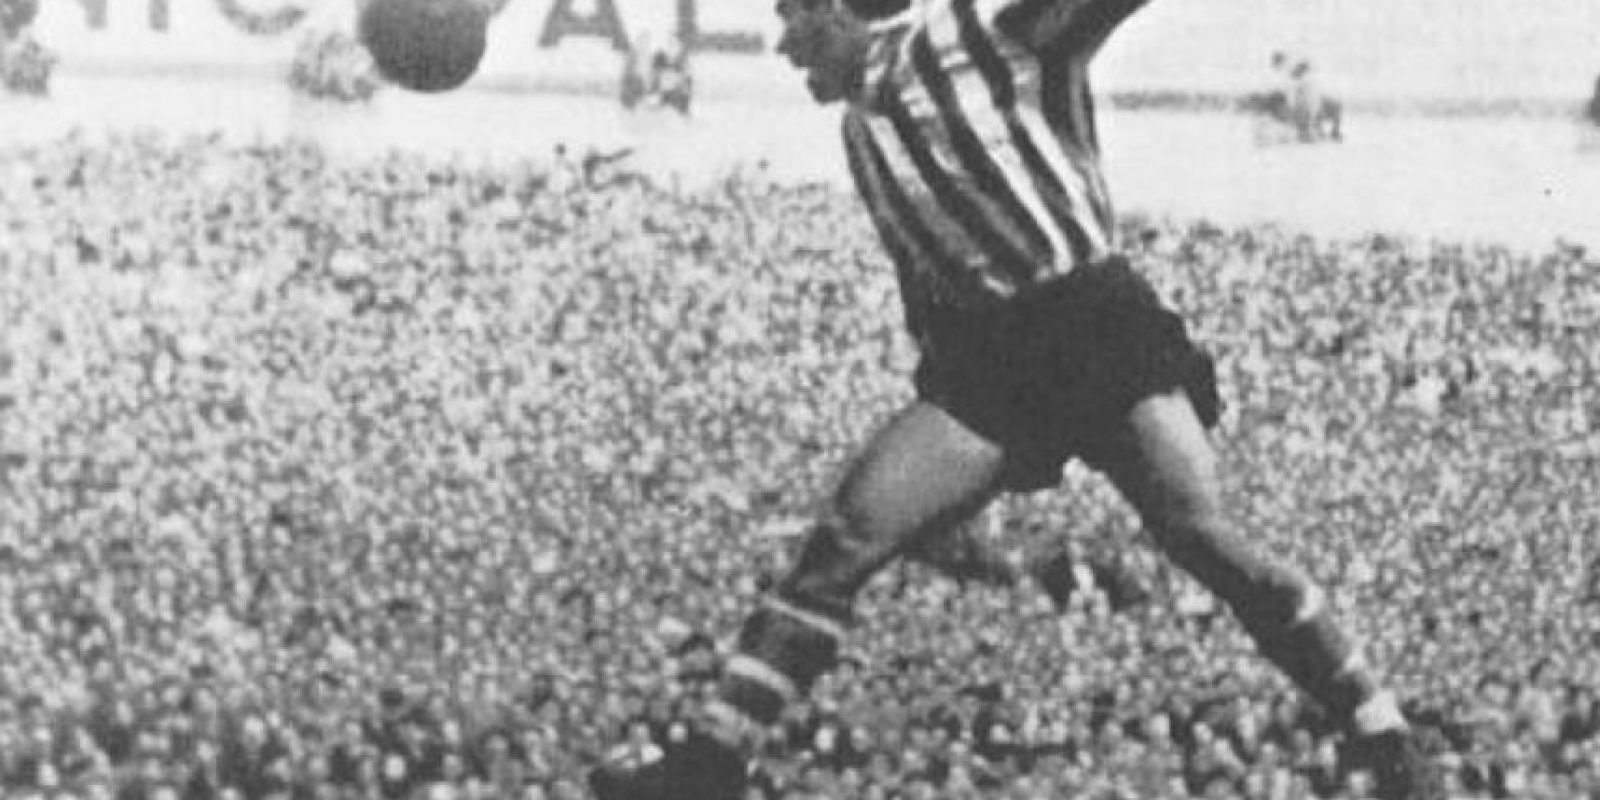 Es el futbolista que más veces ha ganado el Pichichi en España, con seis reconocimientos como máximo goleador. Murió el 23 de febrero de 2006 a los 85 años Foto:Twitter